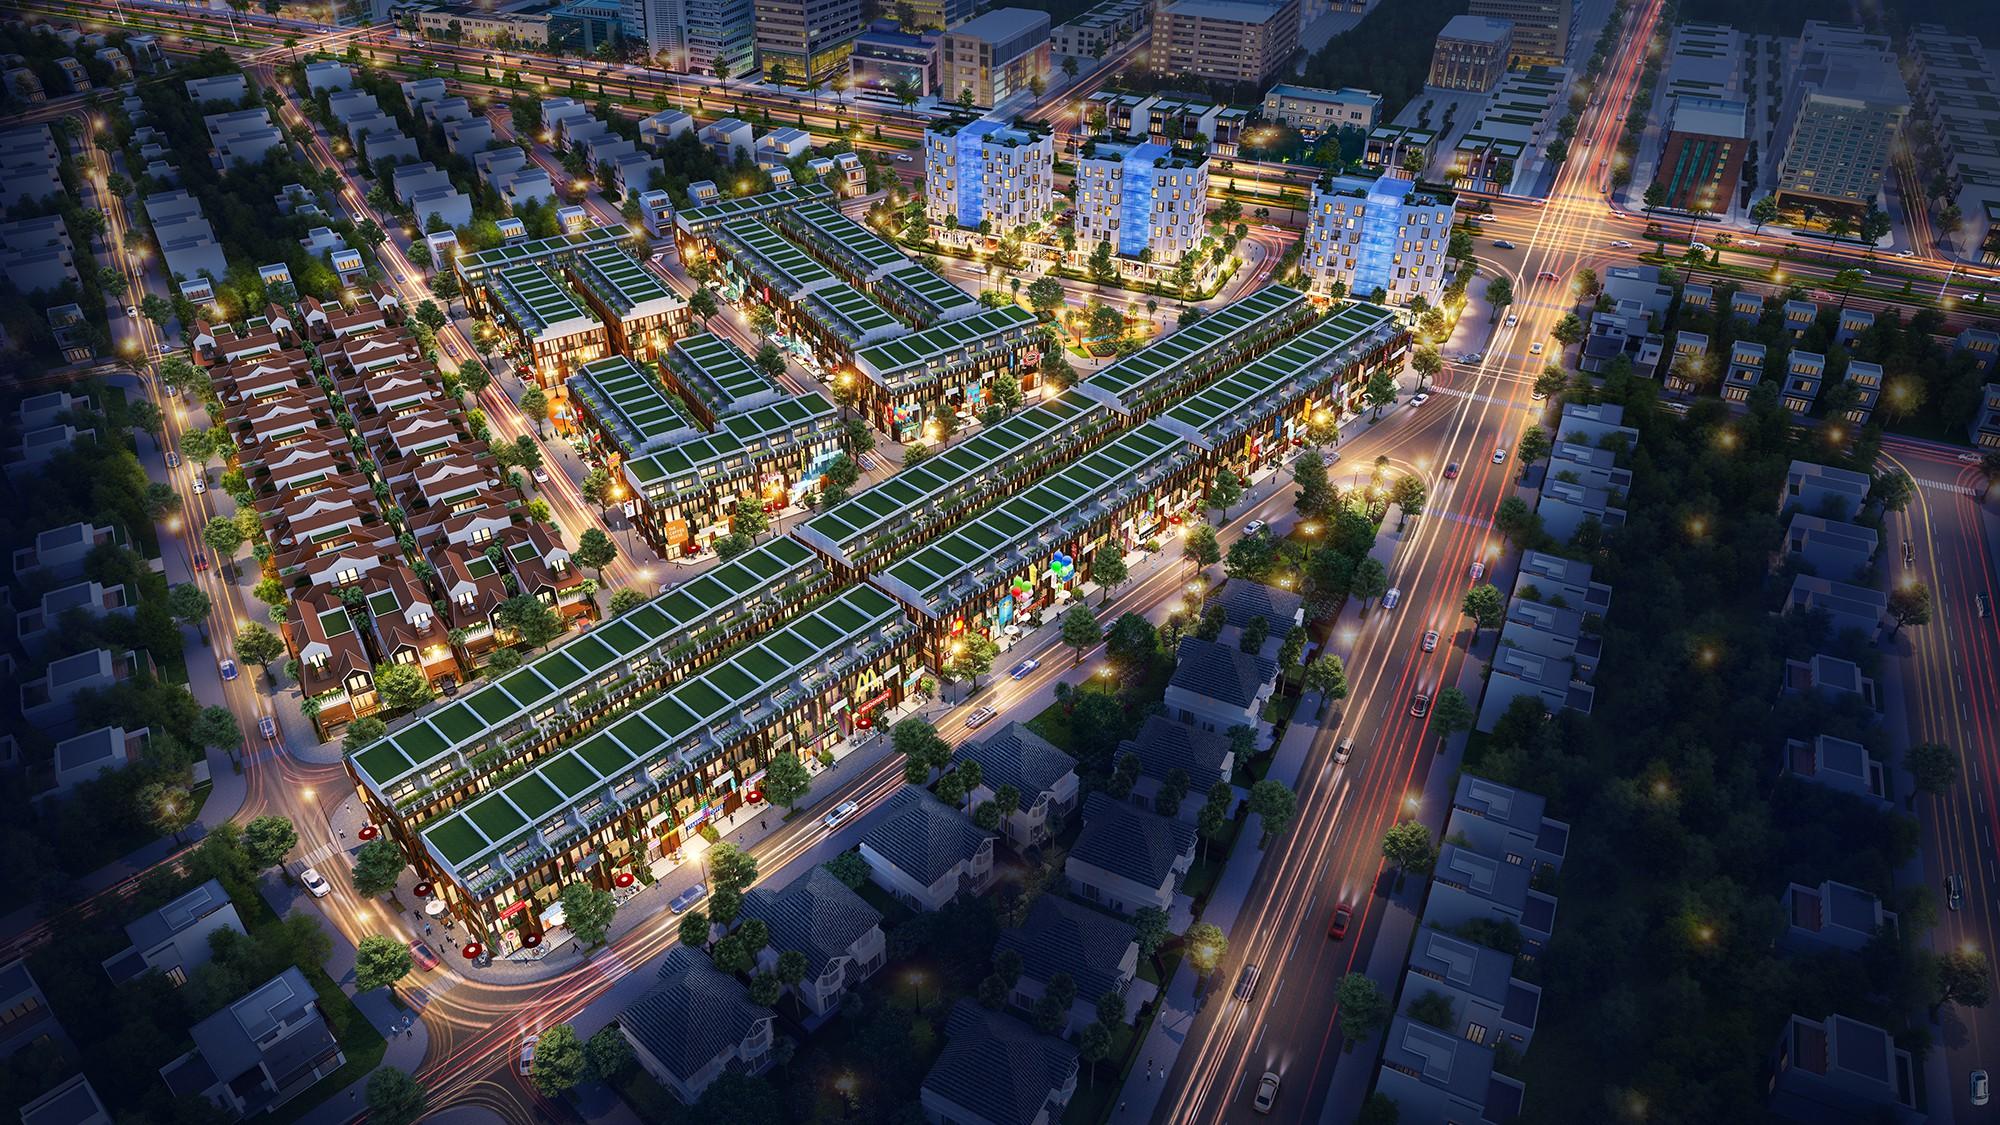 """Quy hoạch """"Thành phố sân bay"""" tại Long Thành sẽ mở ra bài toán đầu tư bất động sản Đồng Nai? - Ảnh 1."""